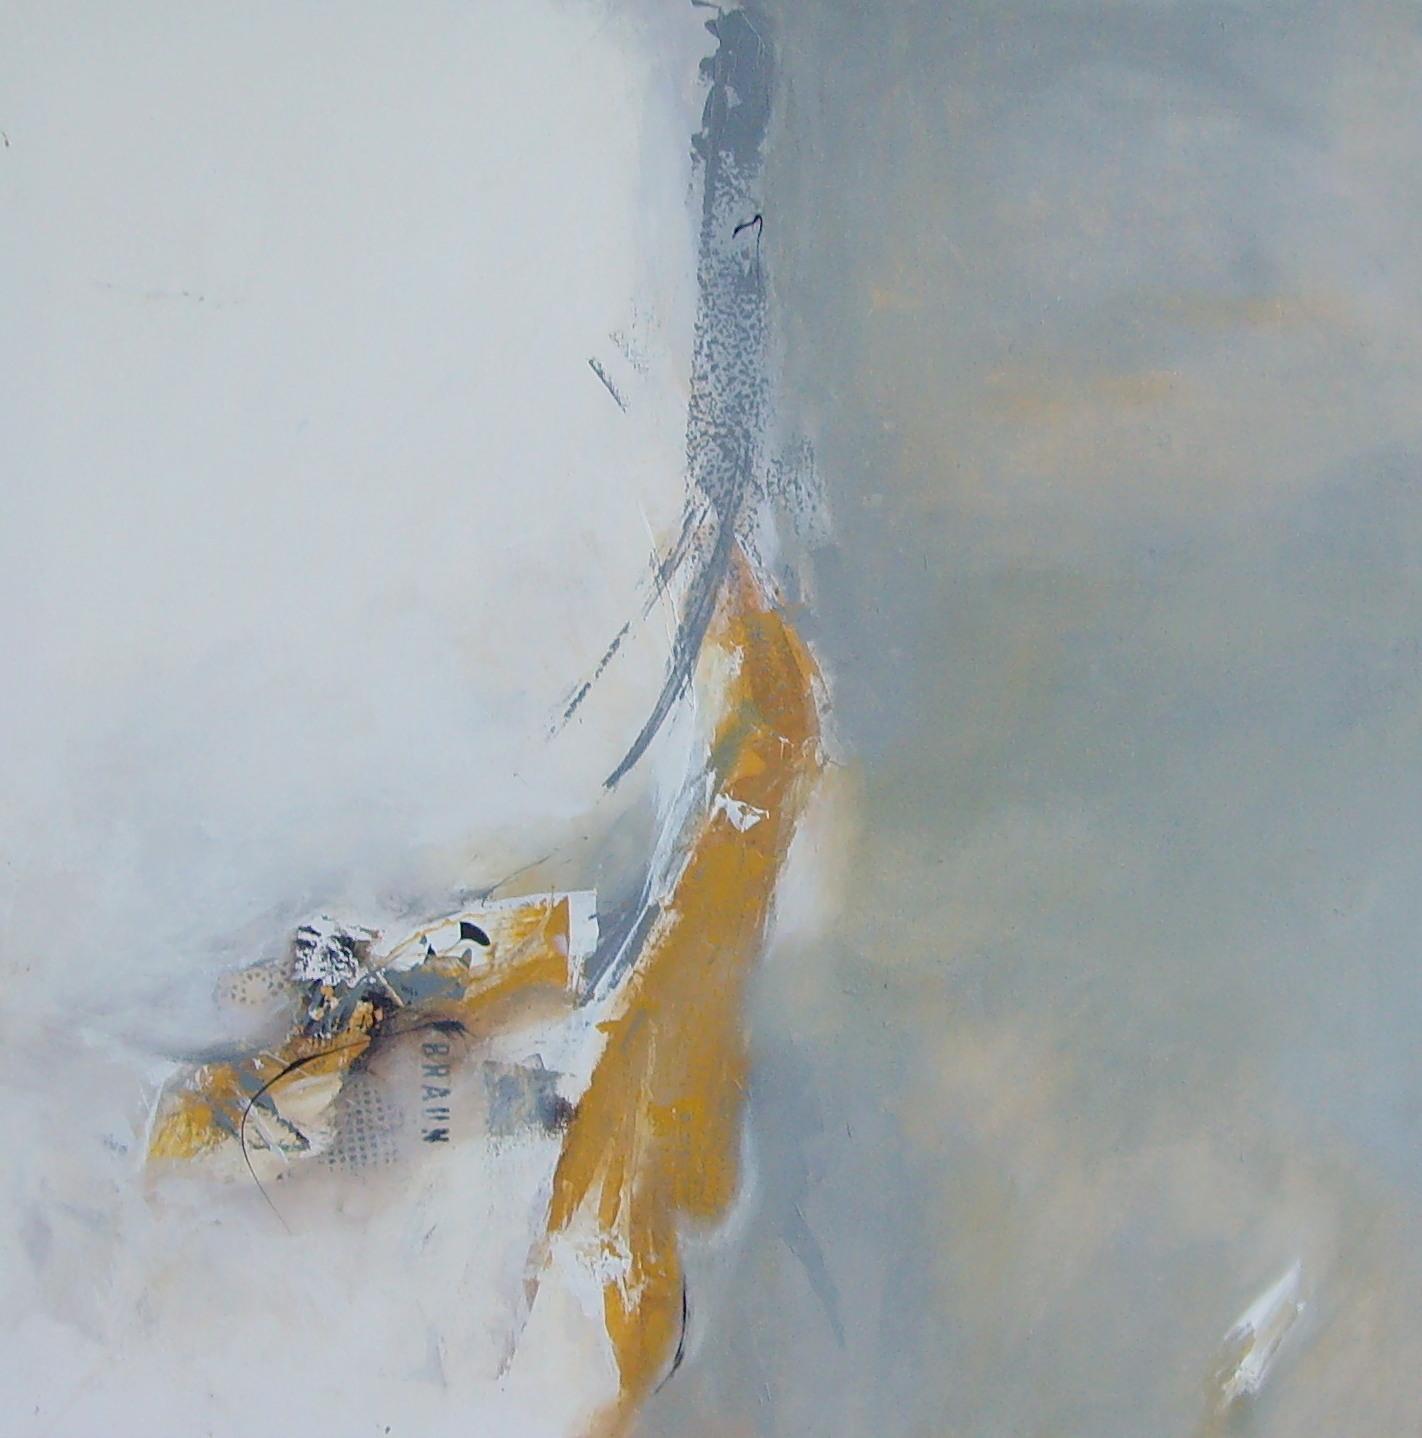 Abstraktes Grau-Gelb - Bild / Kunst von Martina bei KunstNet